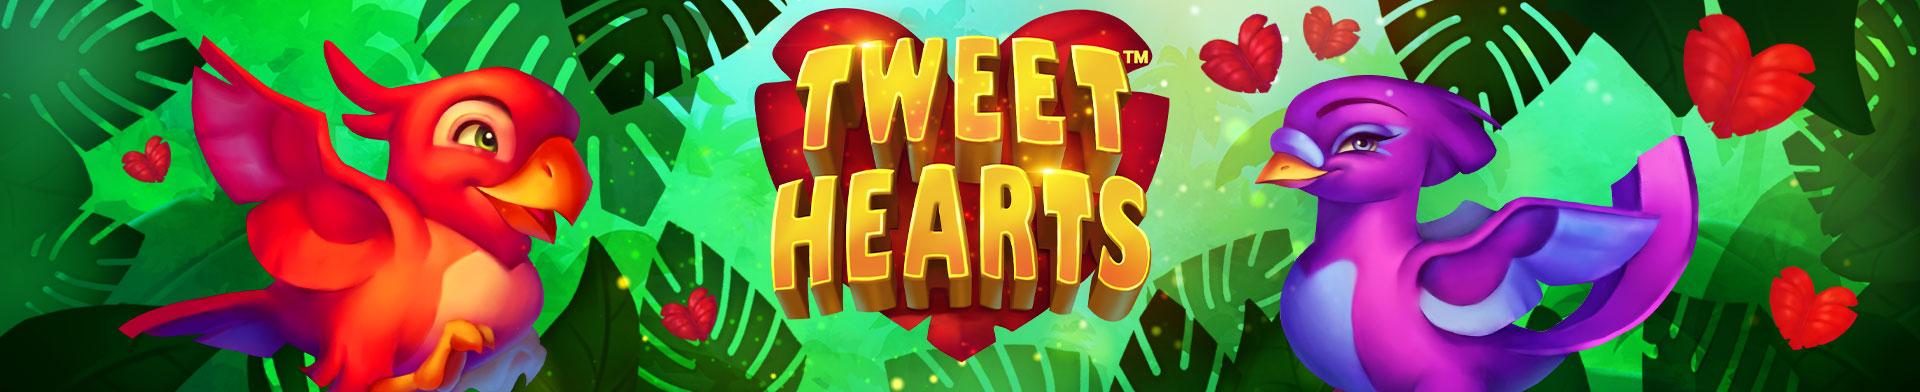 Tweethearts banner